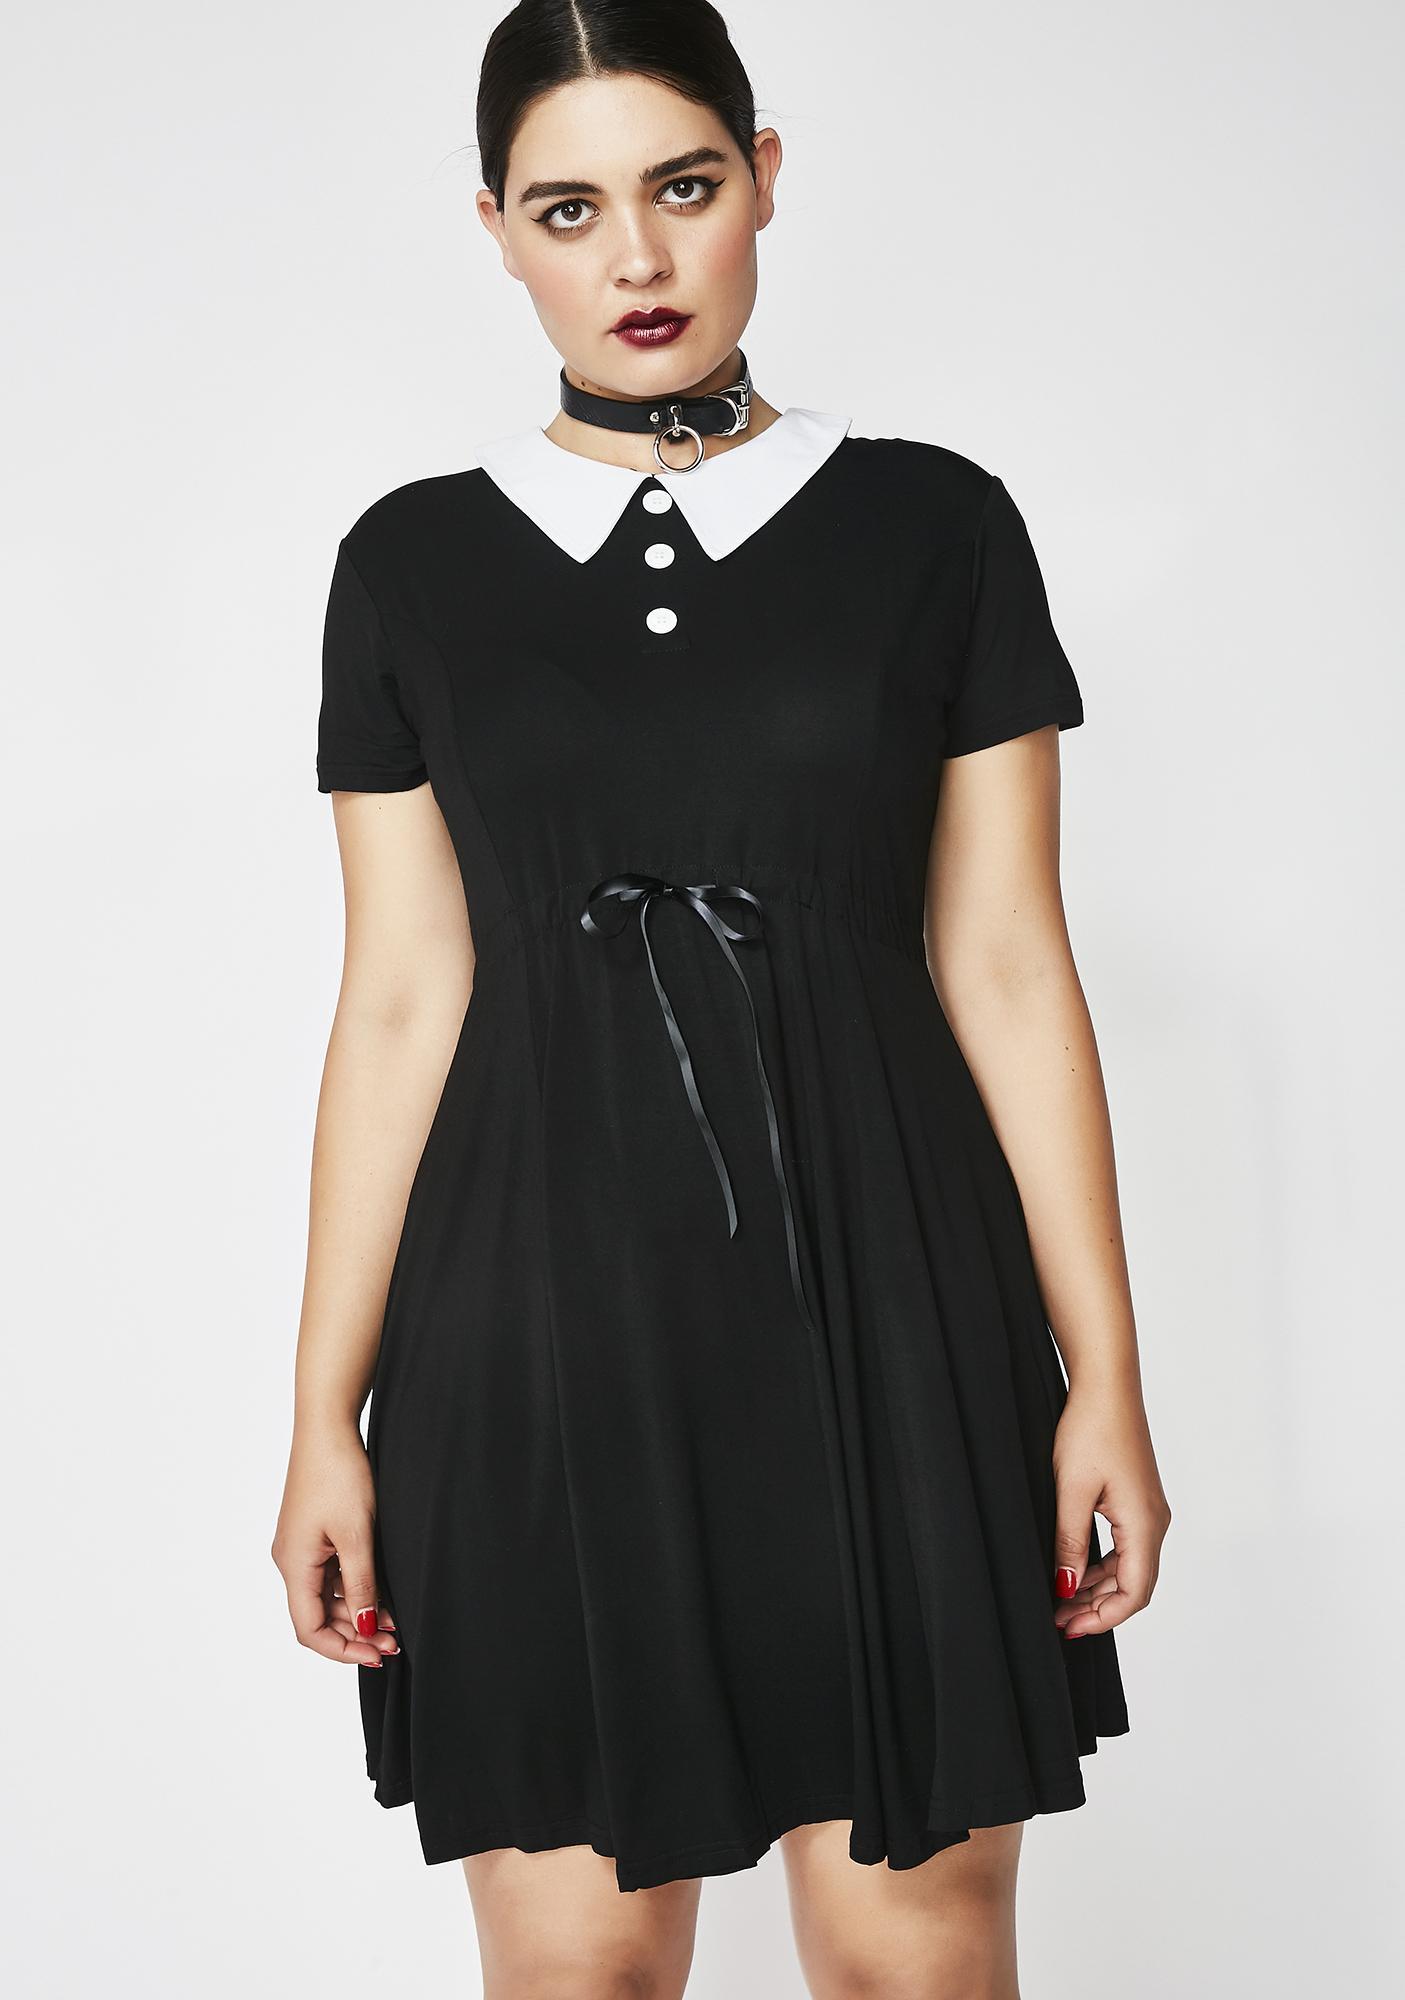 Killstar Wednesday Doll Dress